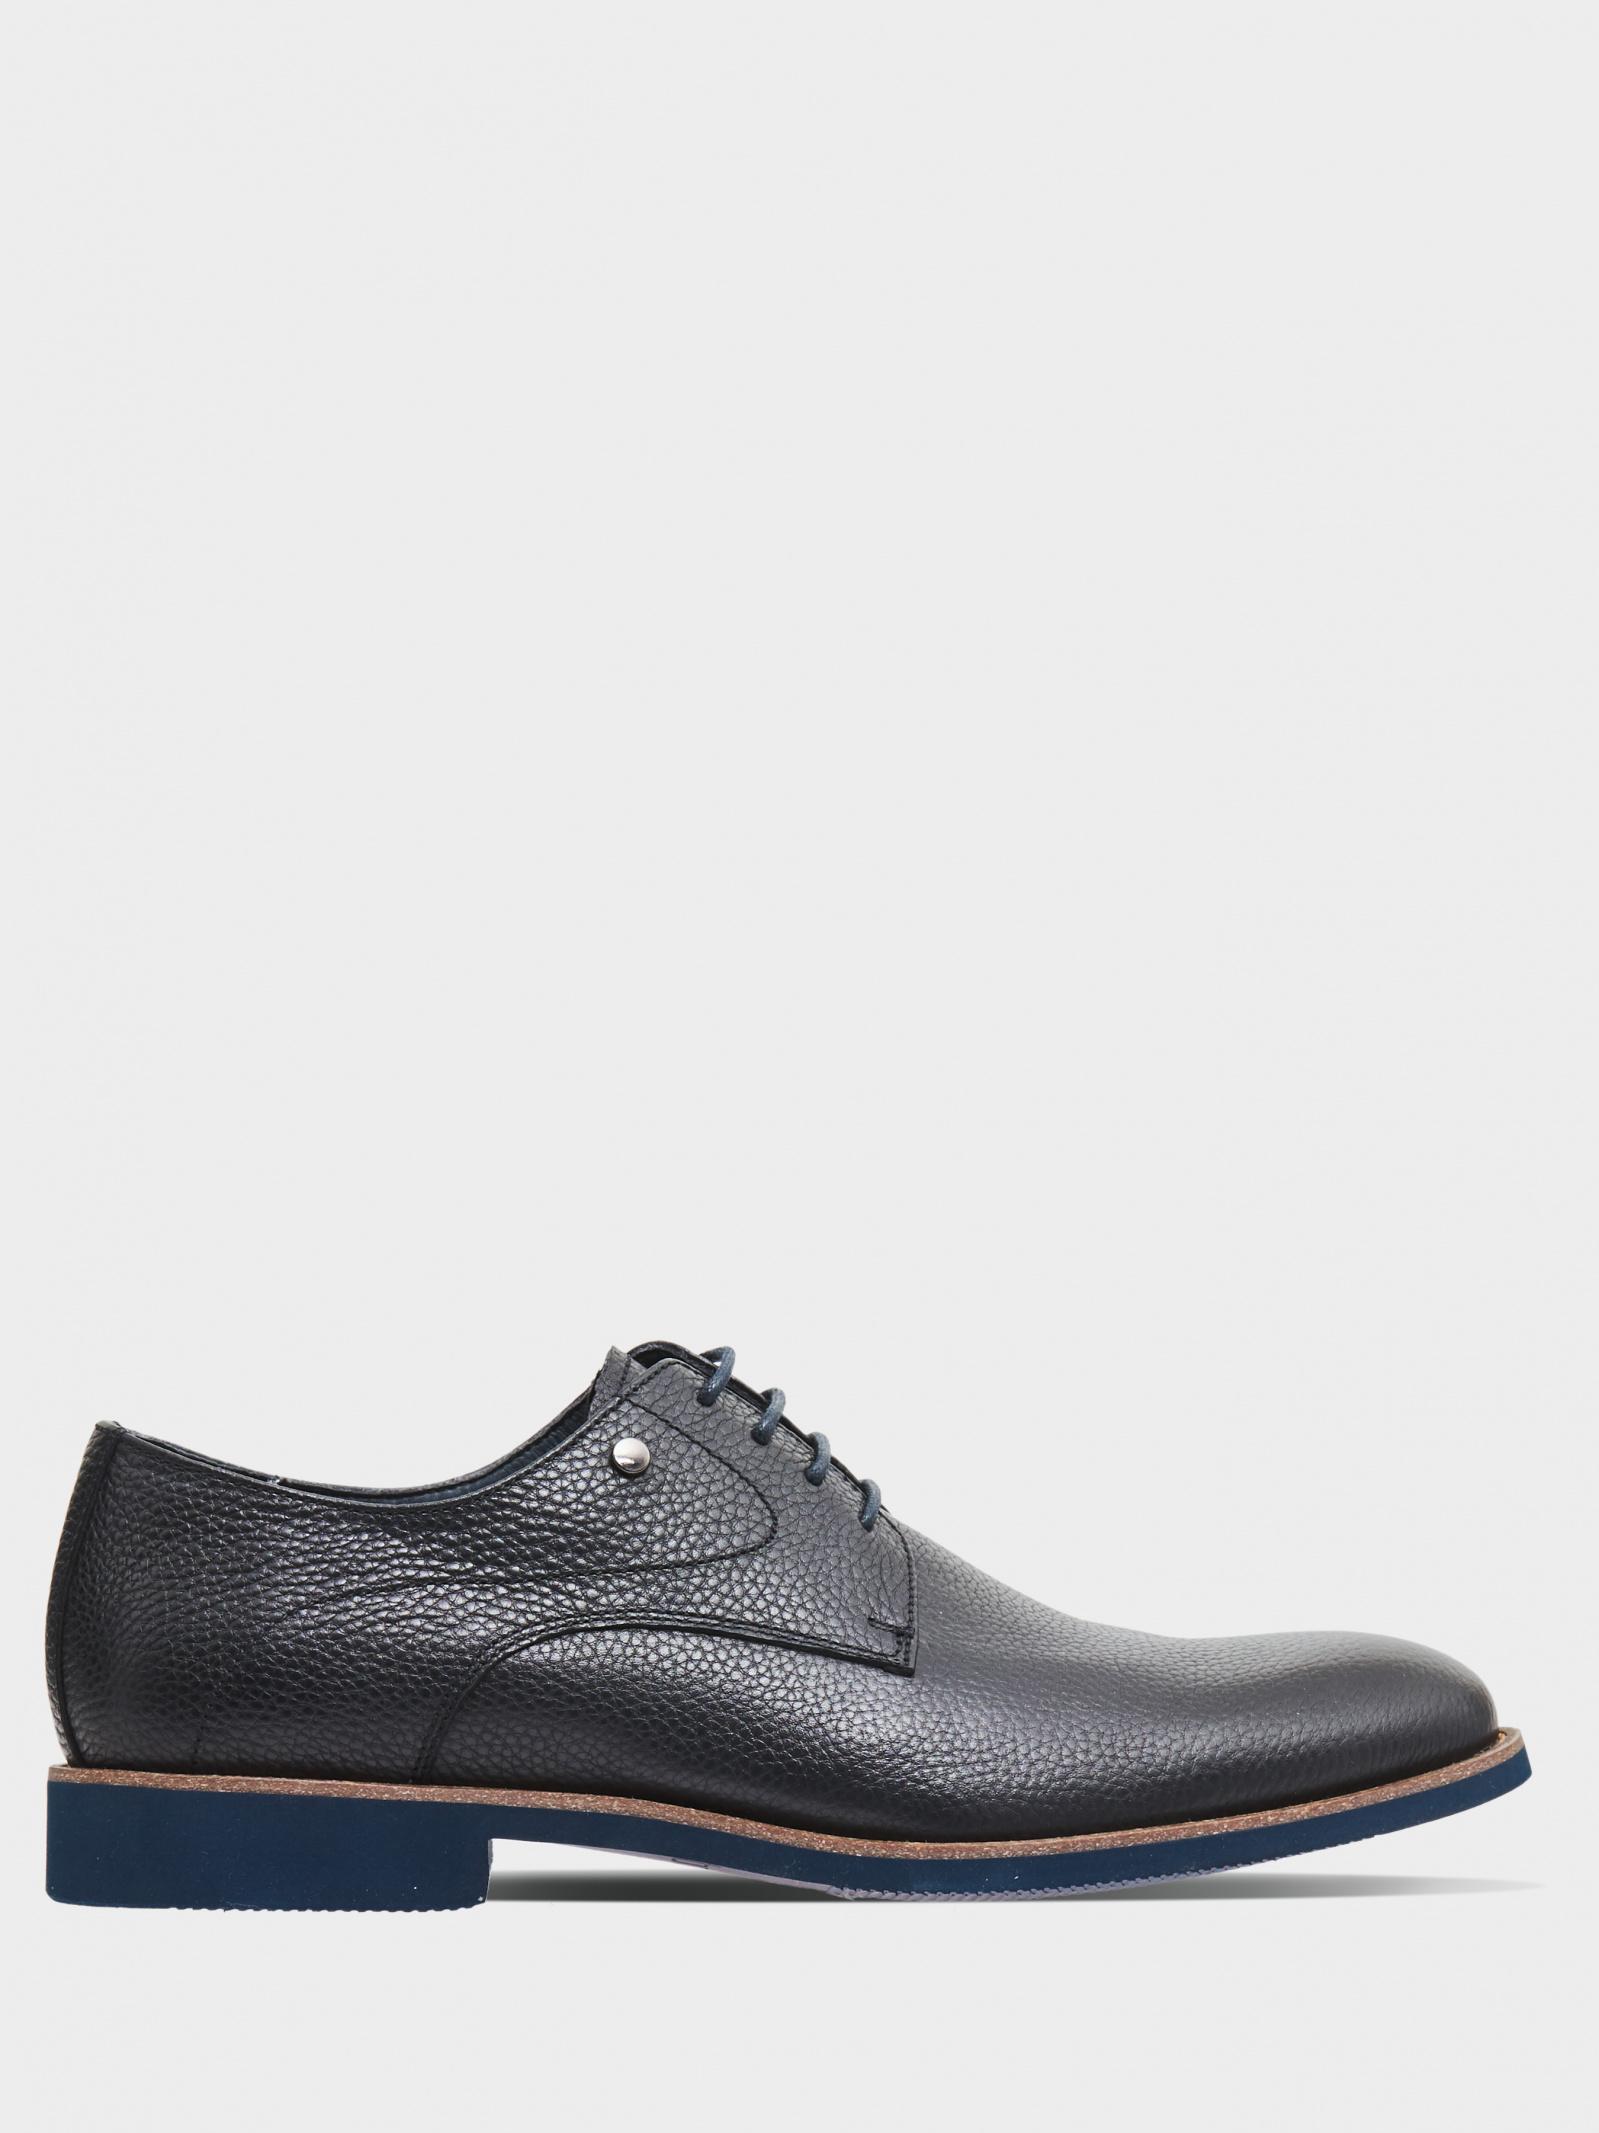 Туфли мужские Braska 224-1936/109 размерная сетка обуви, 2017